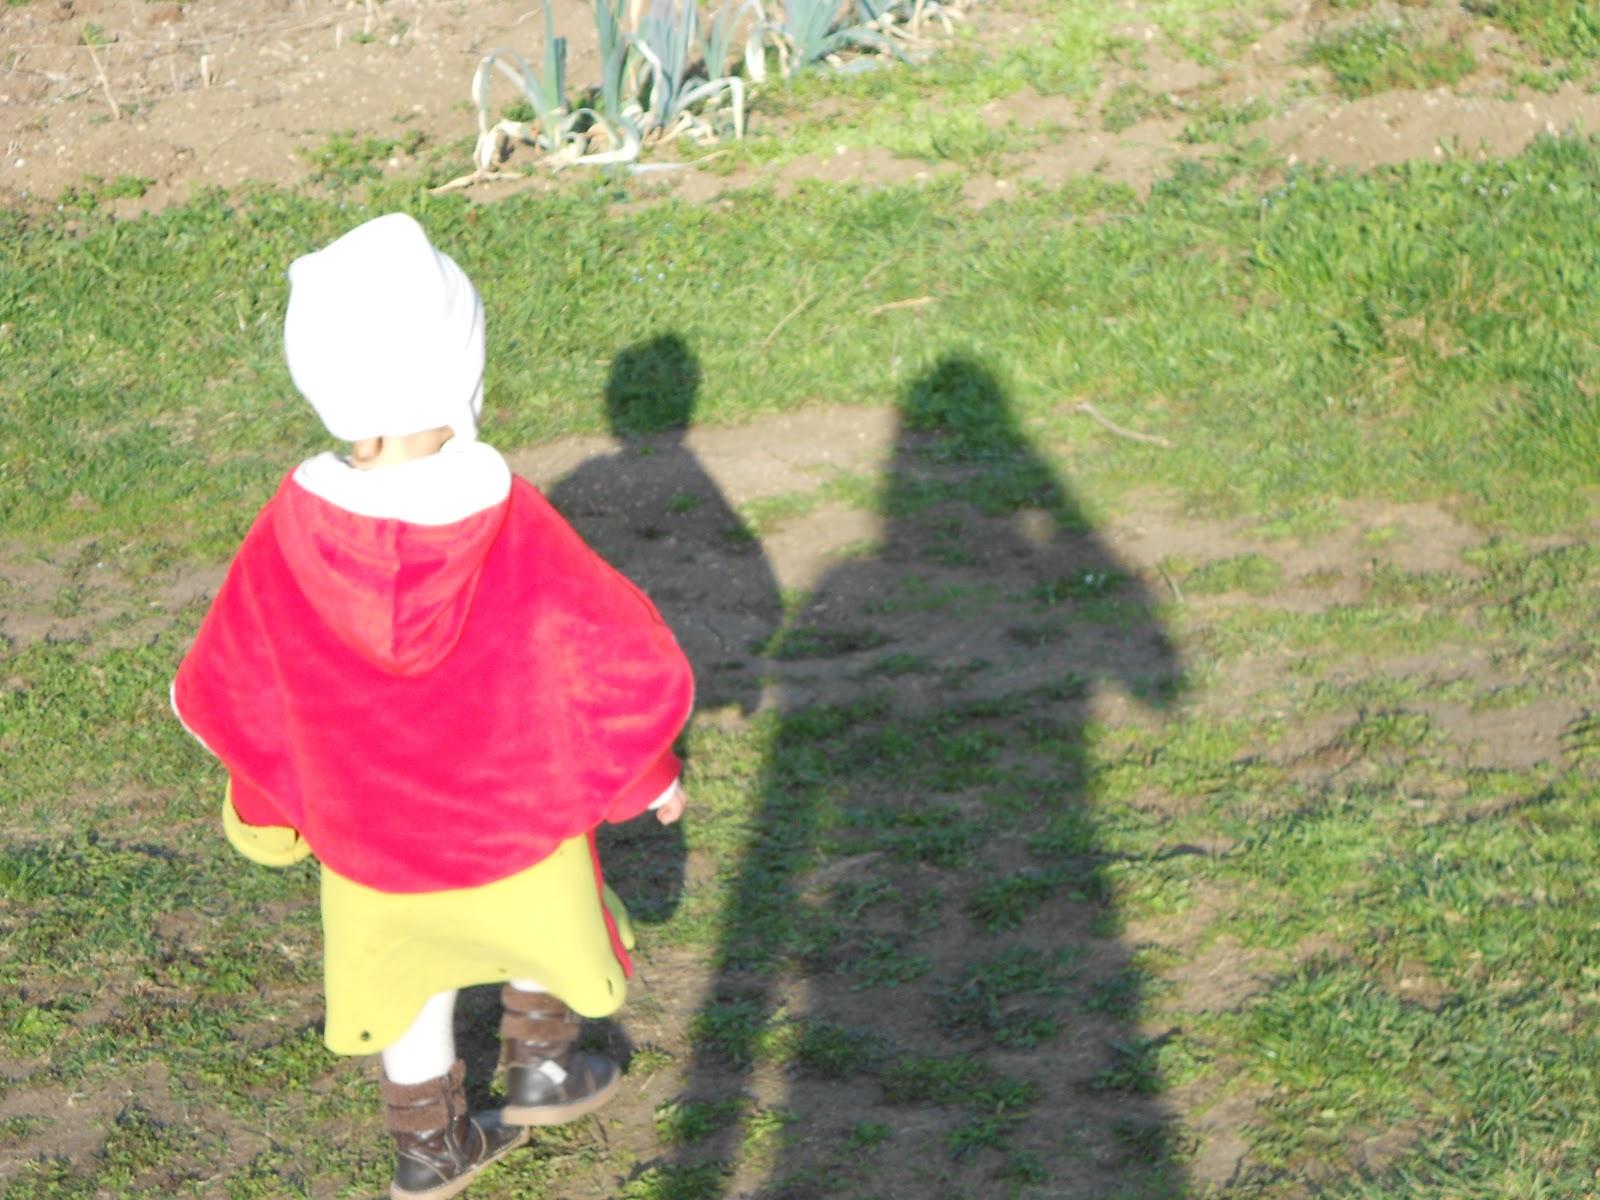 Le jardin de maman elfe et compagnie maman c 39 est quoi for Blythe le jardin de maman